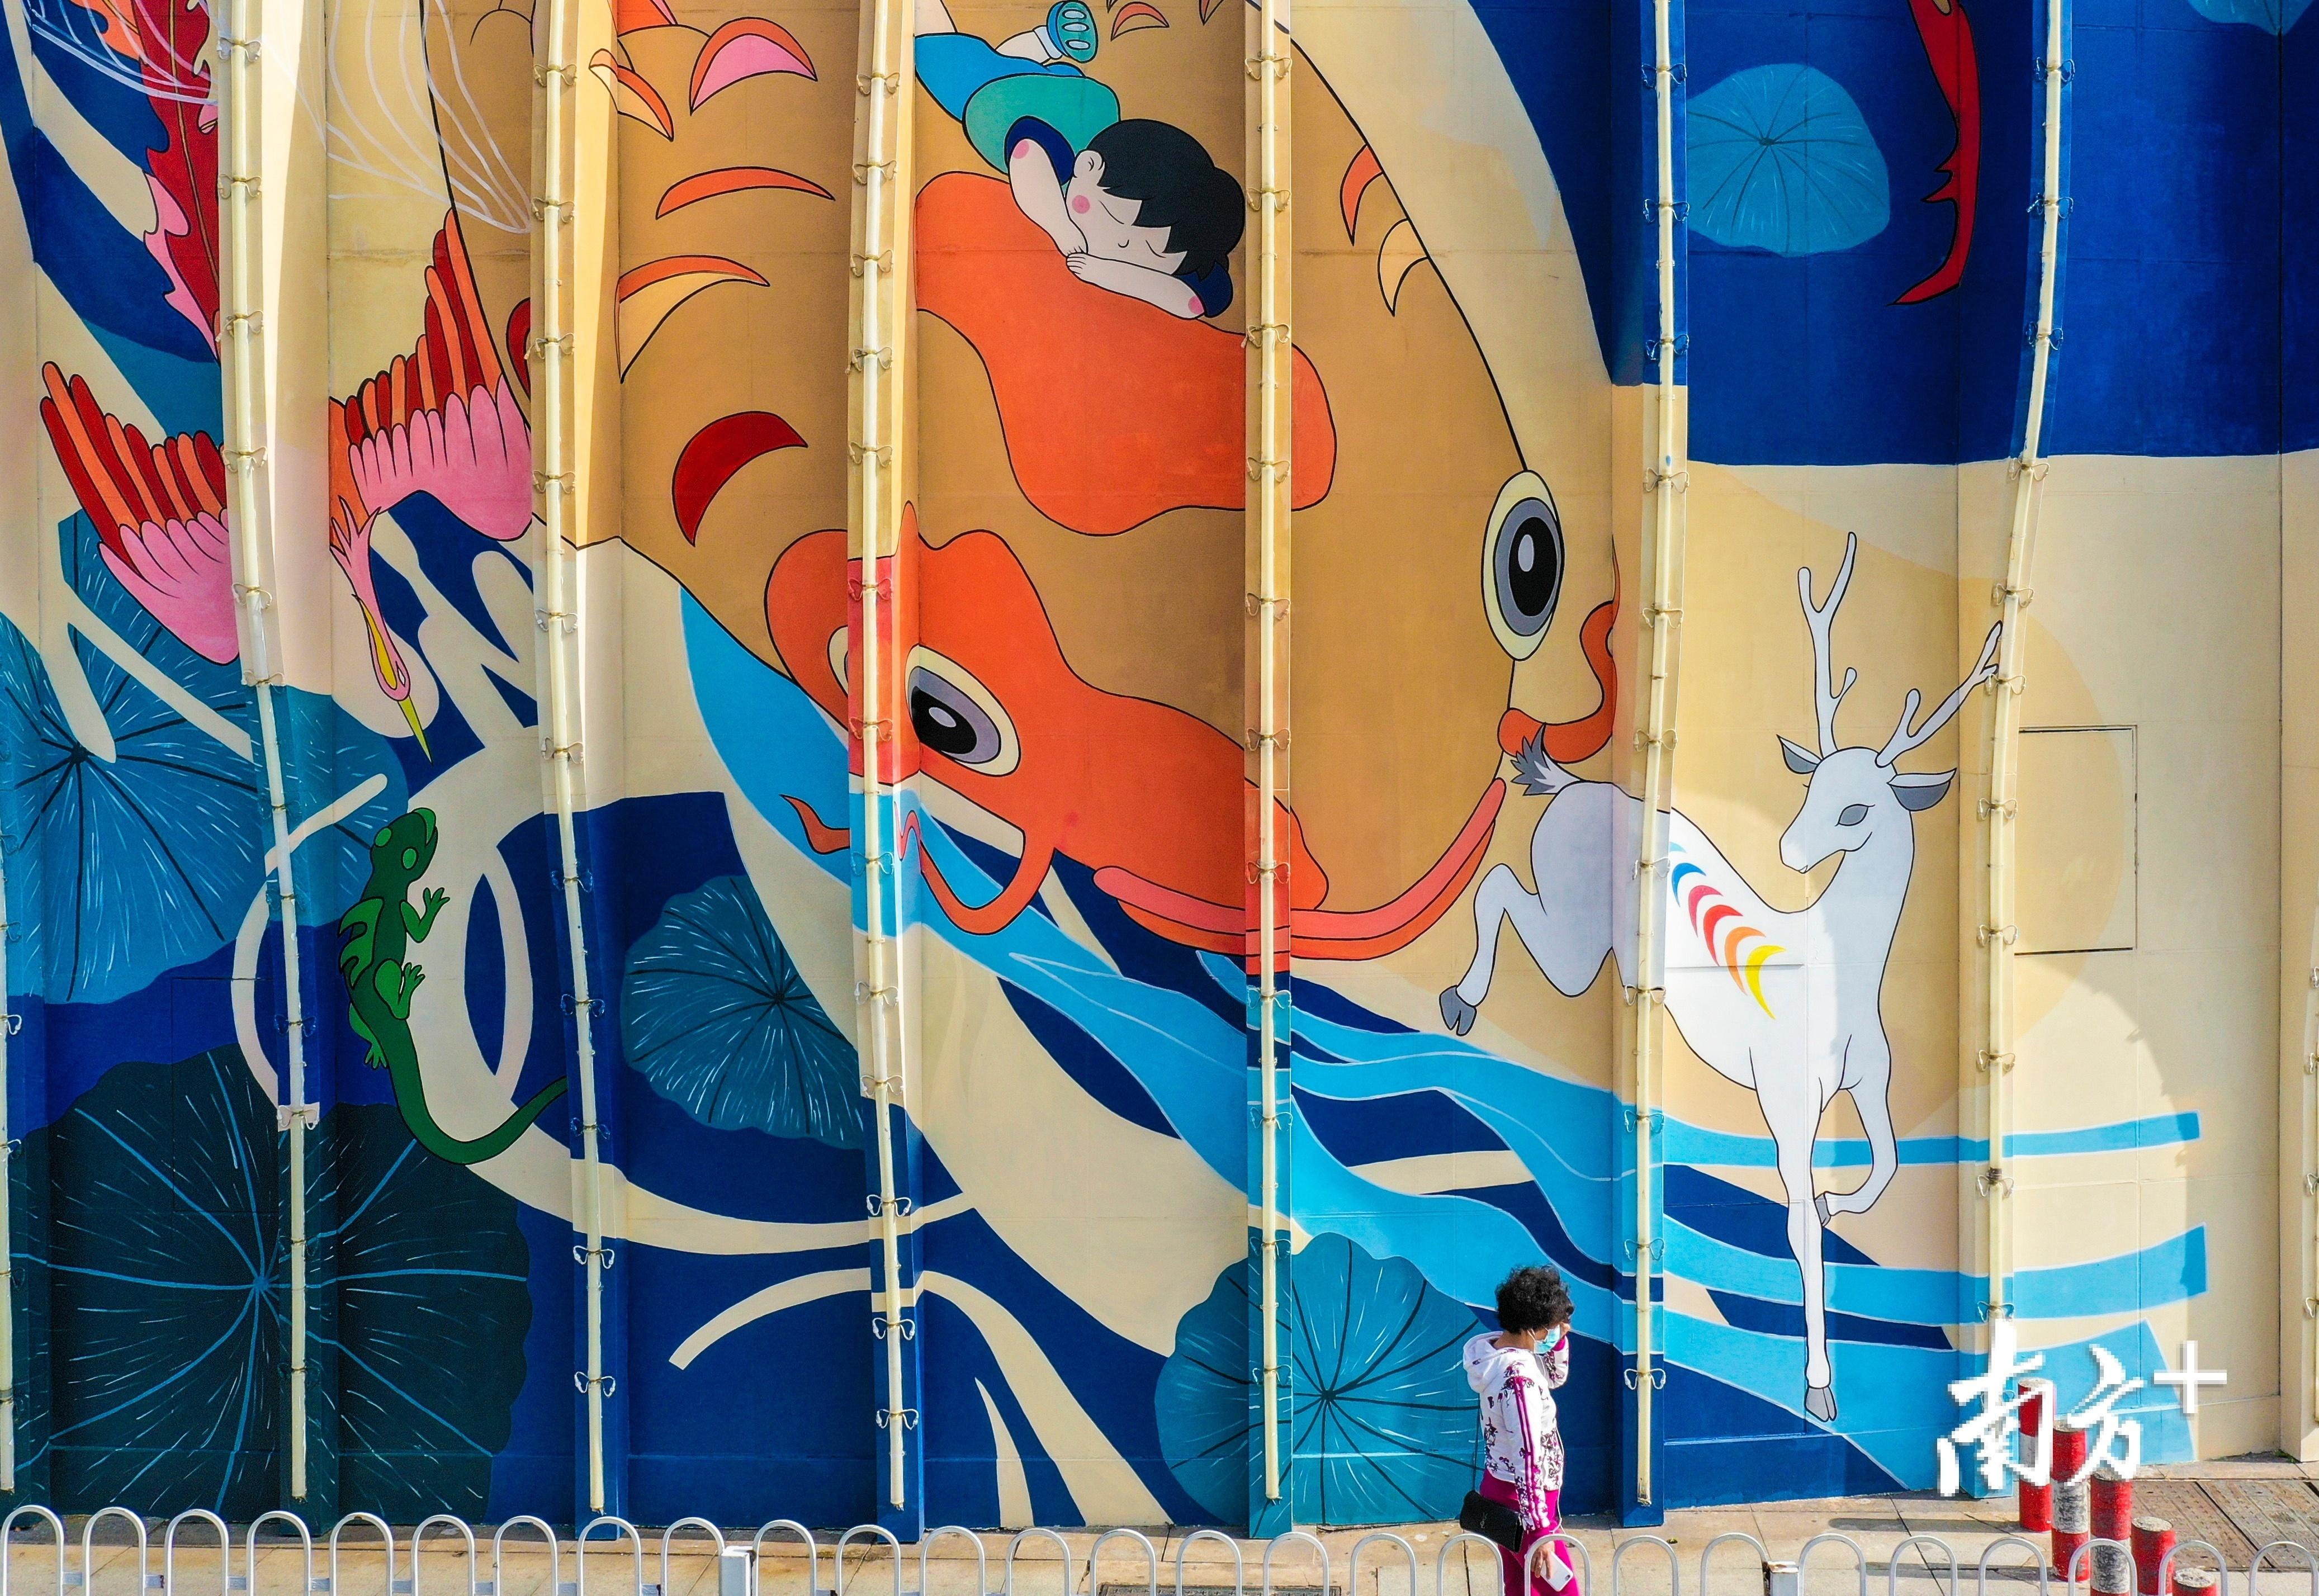 好心绿道经过的文化广场东侧墙体罗非鱼墙绘艺术,体现了茂名的渔业文化。